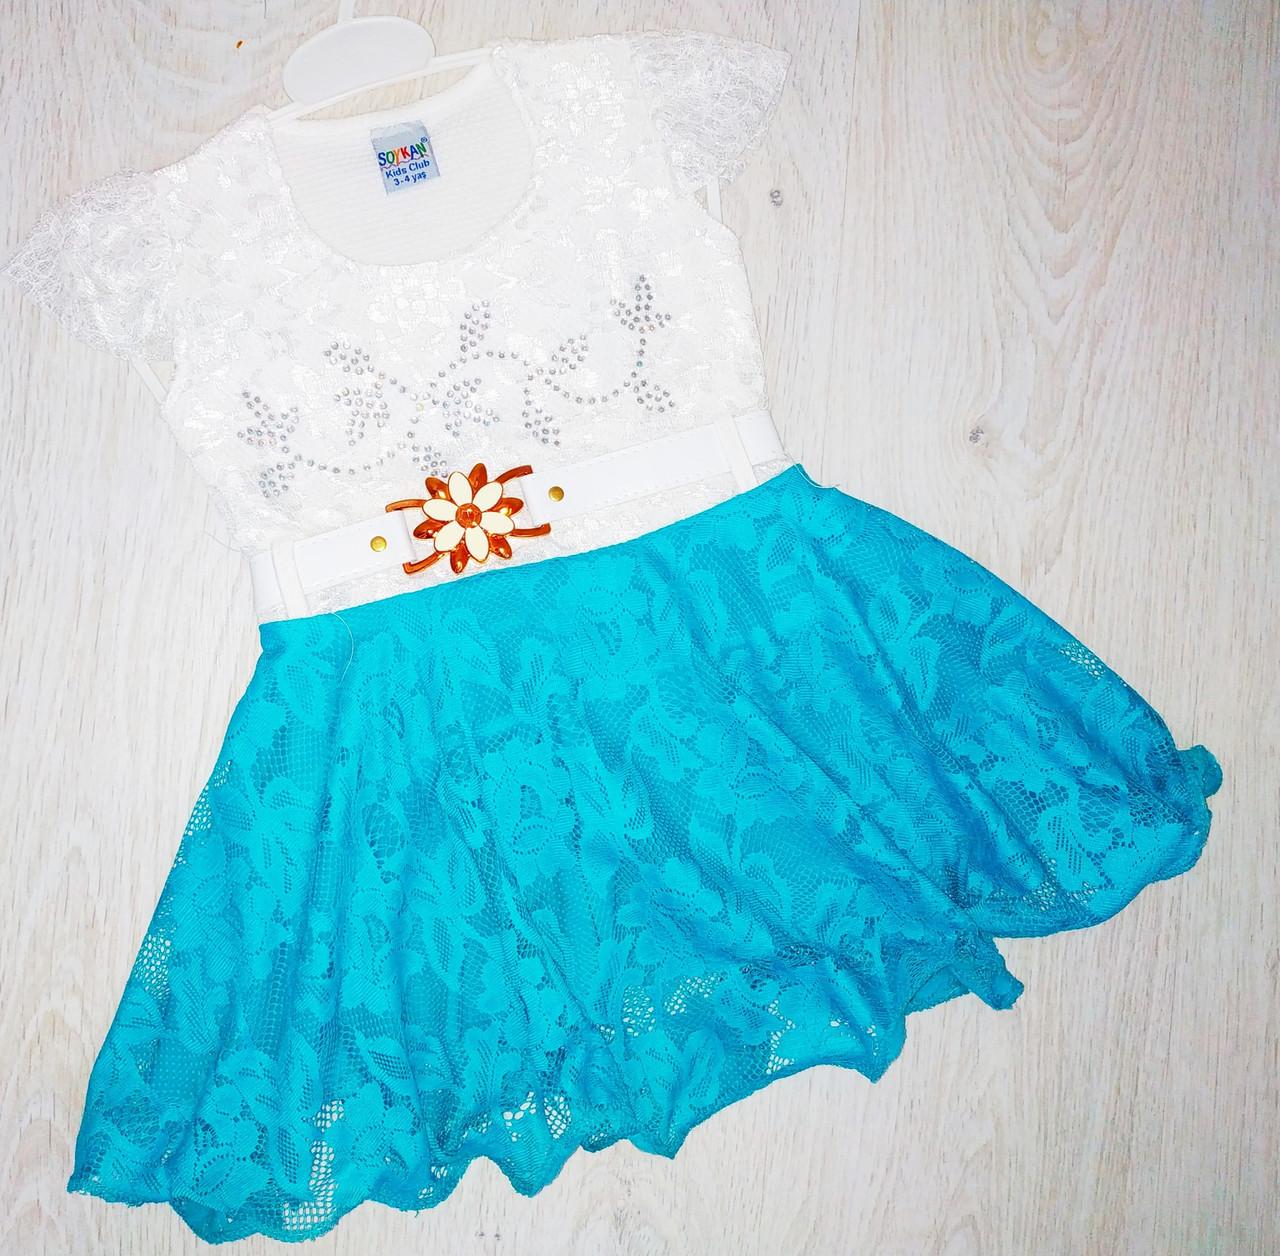 Плаття для дівчинки, Туреччина, Babexi, арт. 7560